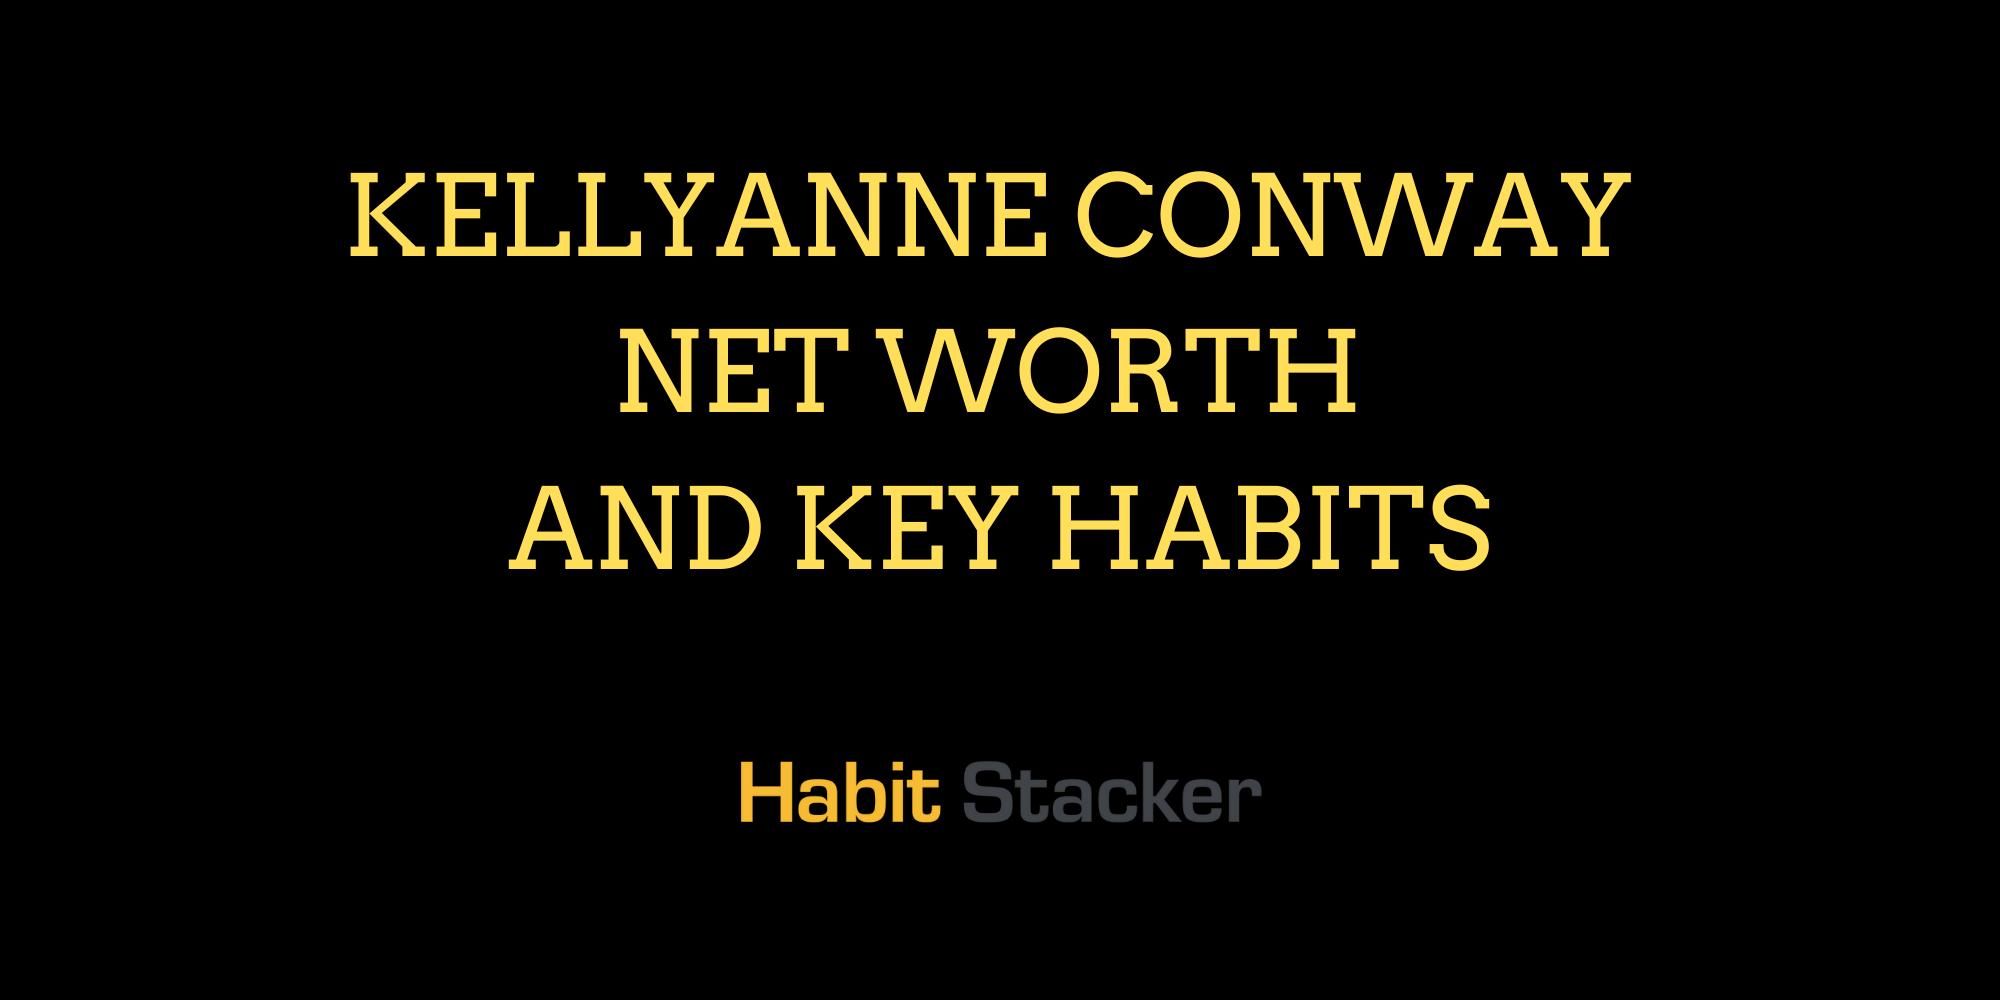 Kellyanne Conway Net Worth and Key Habits